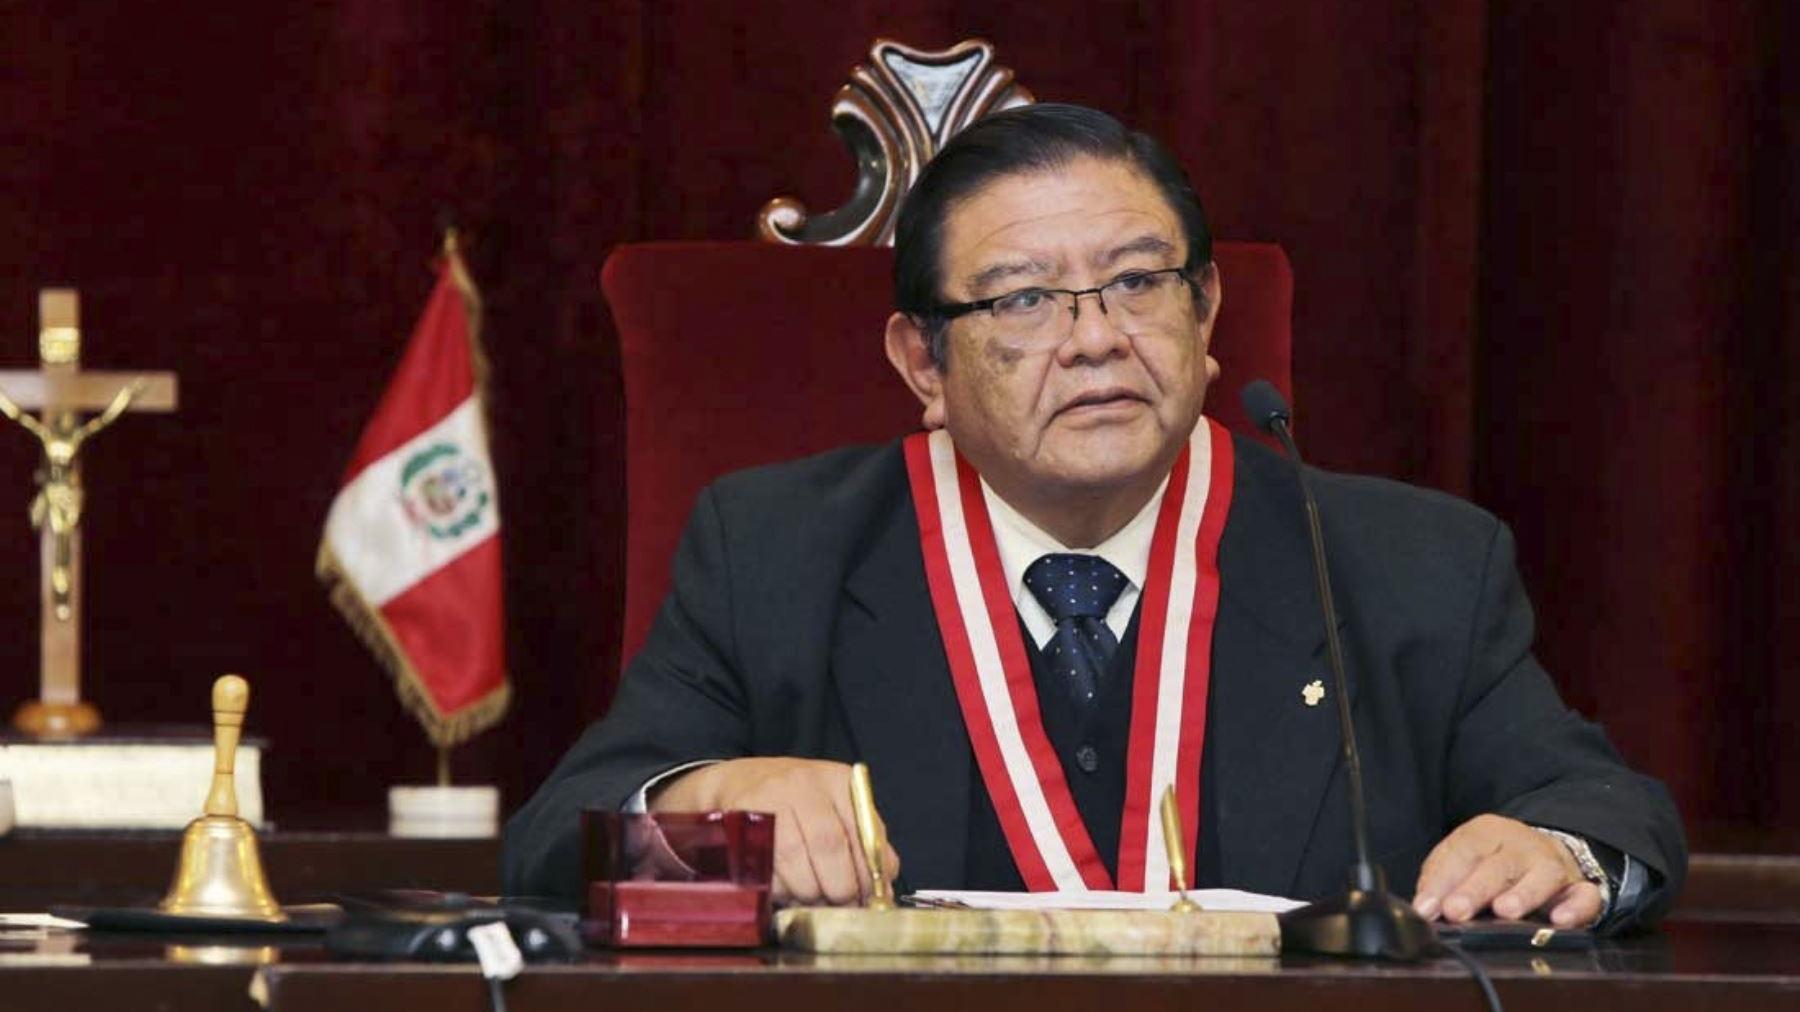 Presidente del JNE descartó favoritismo en el proceso electoral.